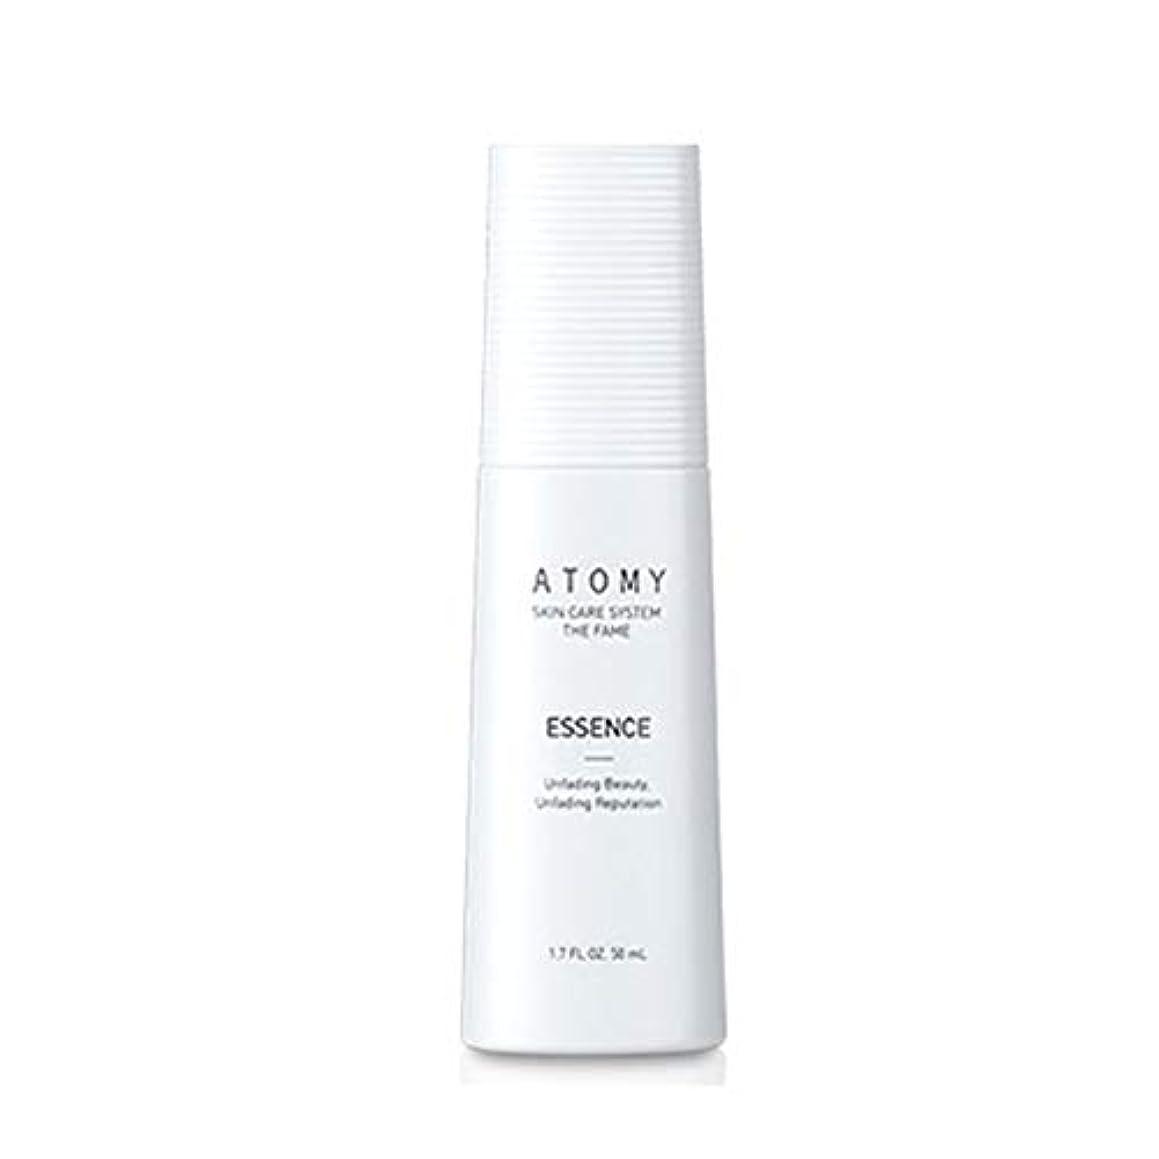 好色なシチリア悲しいことにアトミザ?フェームエッセンス50ml韓国コスメ、Atomy The Fame Essence 50ml Korean Cosmetics [並行輸入品]